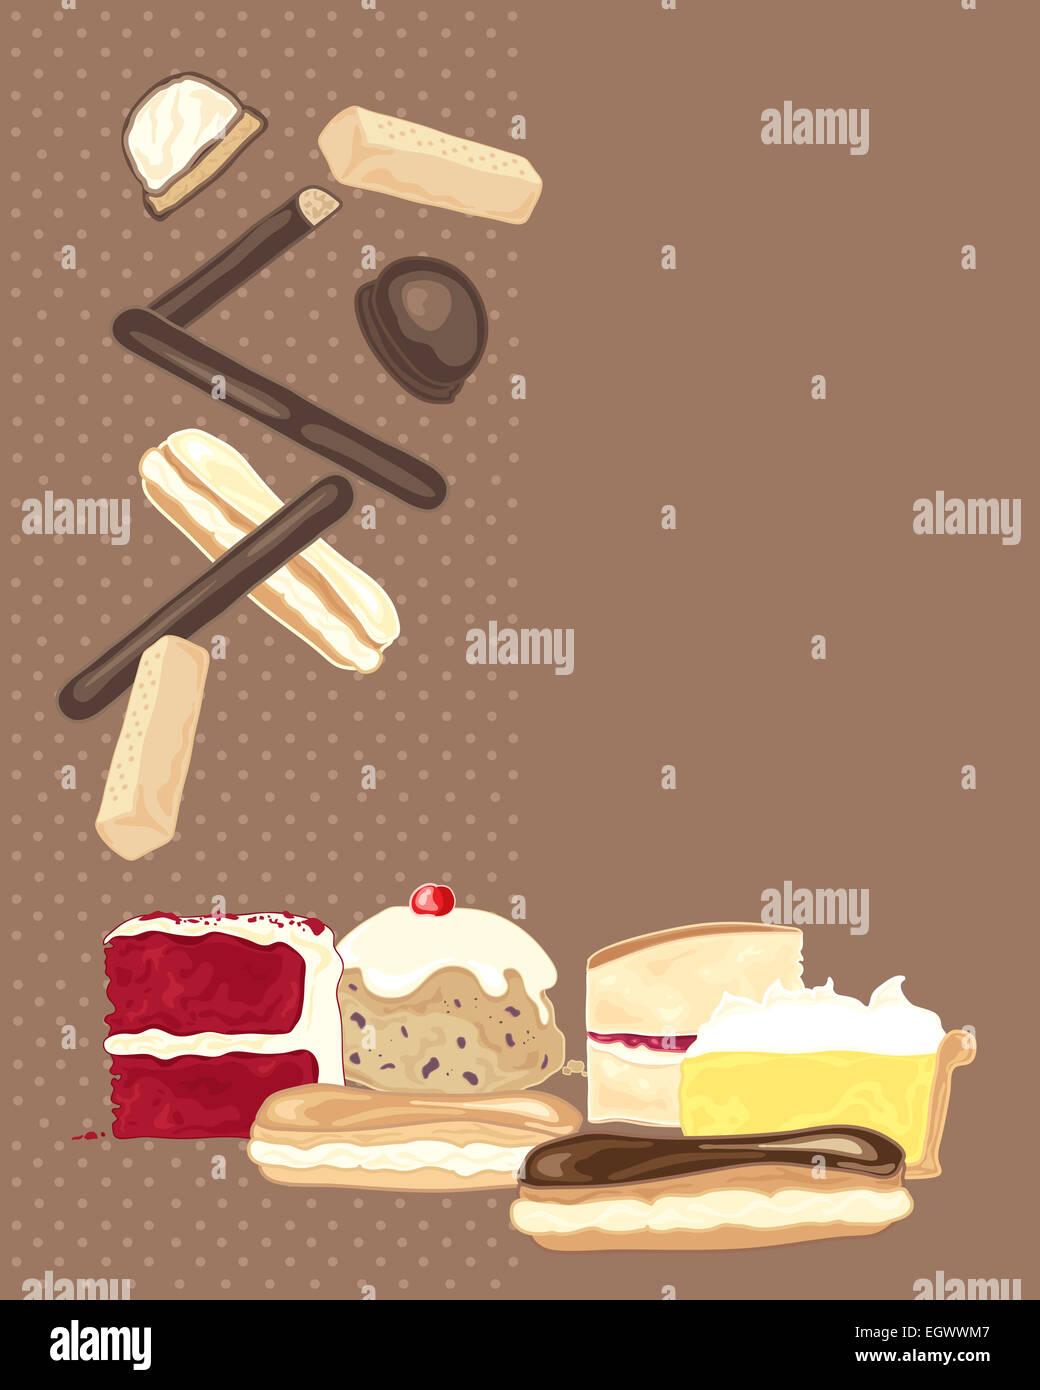 Ein Beispiel Fur Eine Sammlung Von Susses Geback Und Kuchen Auf